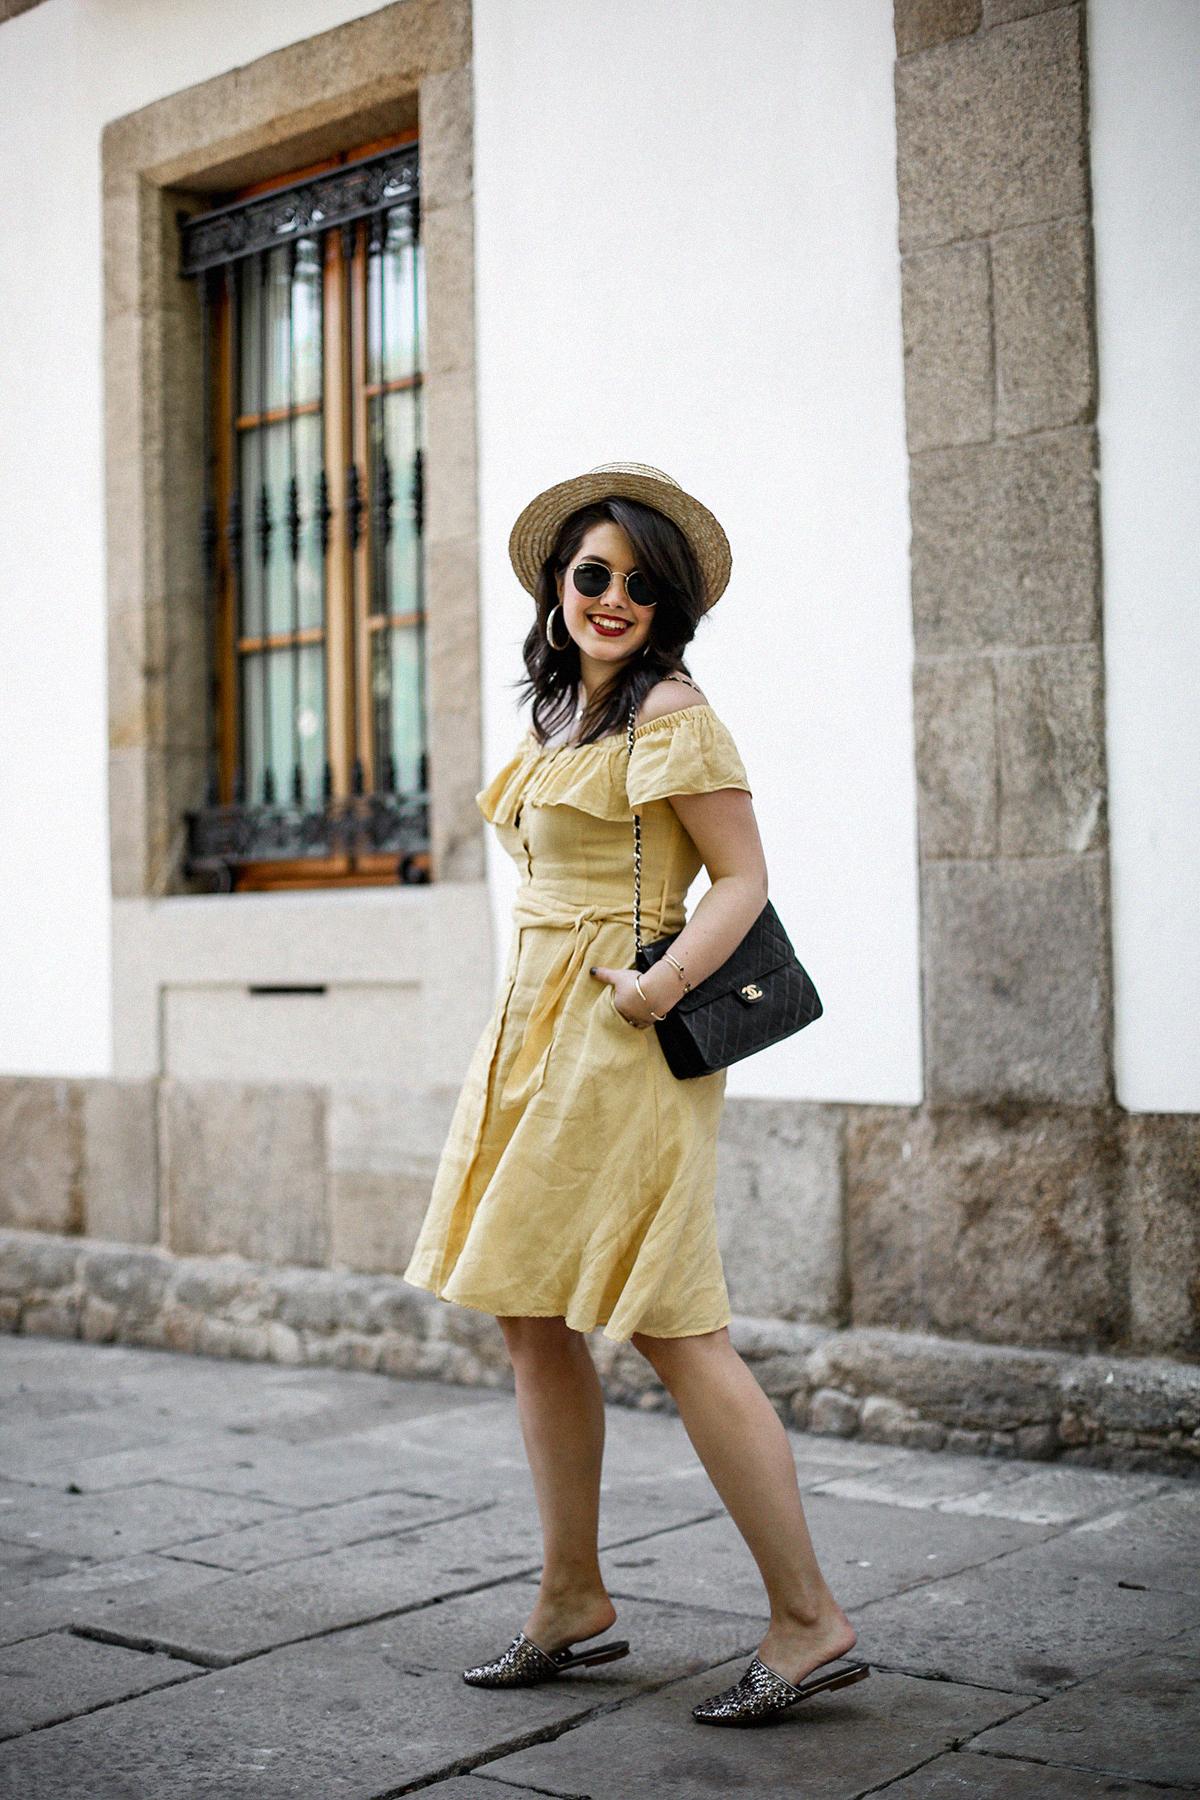 vestido-amarillo-hombros-descubiertos-zara-chanel-vintage-vestiaire-collective12